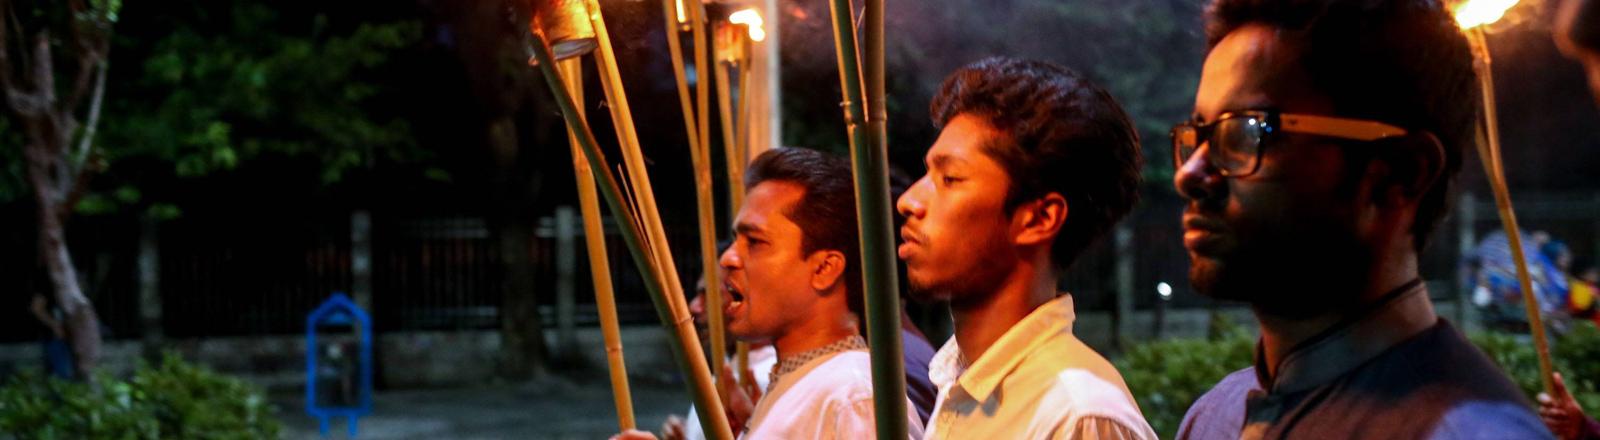 Die Studentenvereinigung in Bangladesch protestiert gegen die Ermordung von Yulhaz Mannan, der Chefredakteur des ersten lesbisch und schwulen Magazins in Bangladesch war.